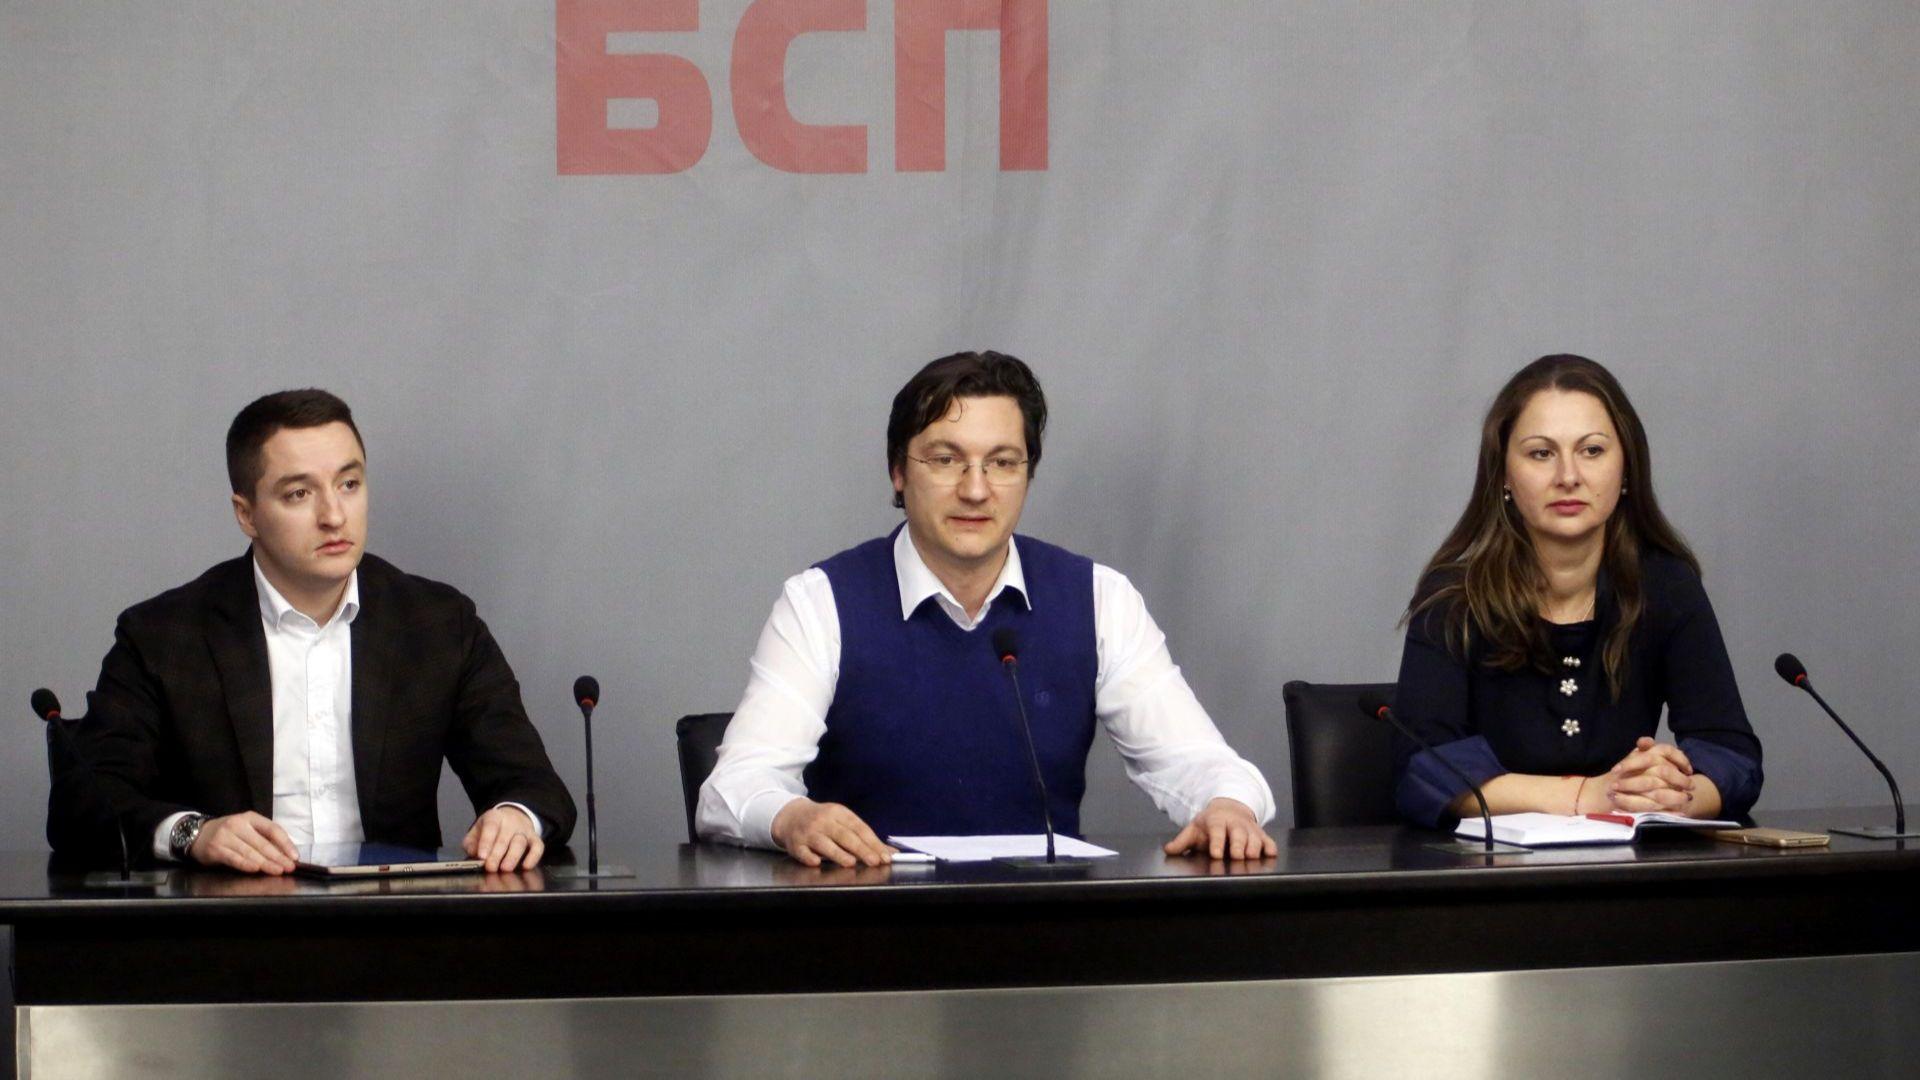 Крум Зарков: Коалицията е нестабилна, не може грешка да поправяш с грешка